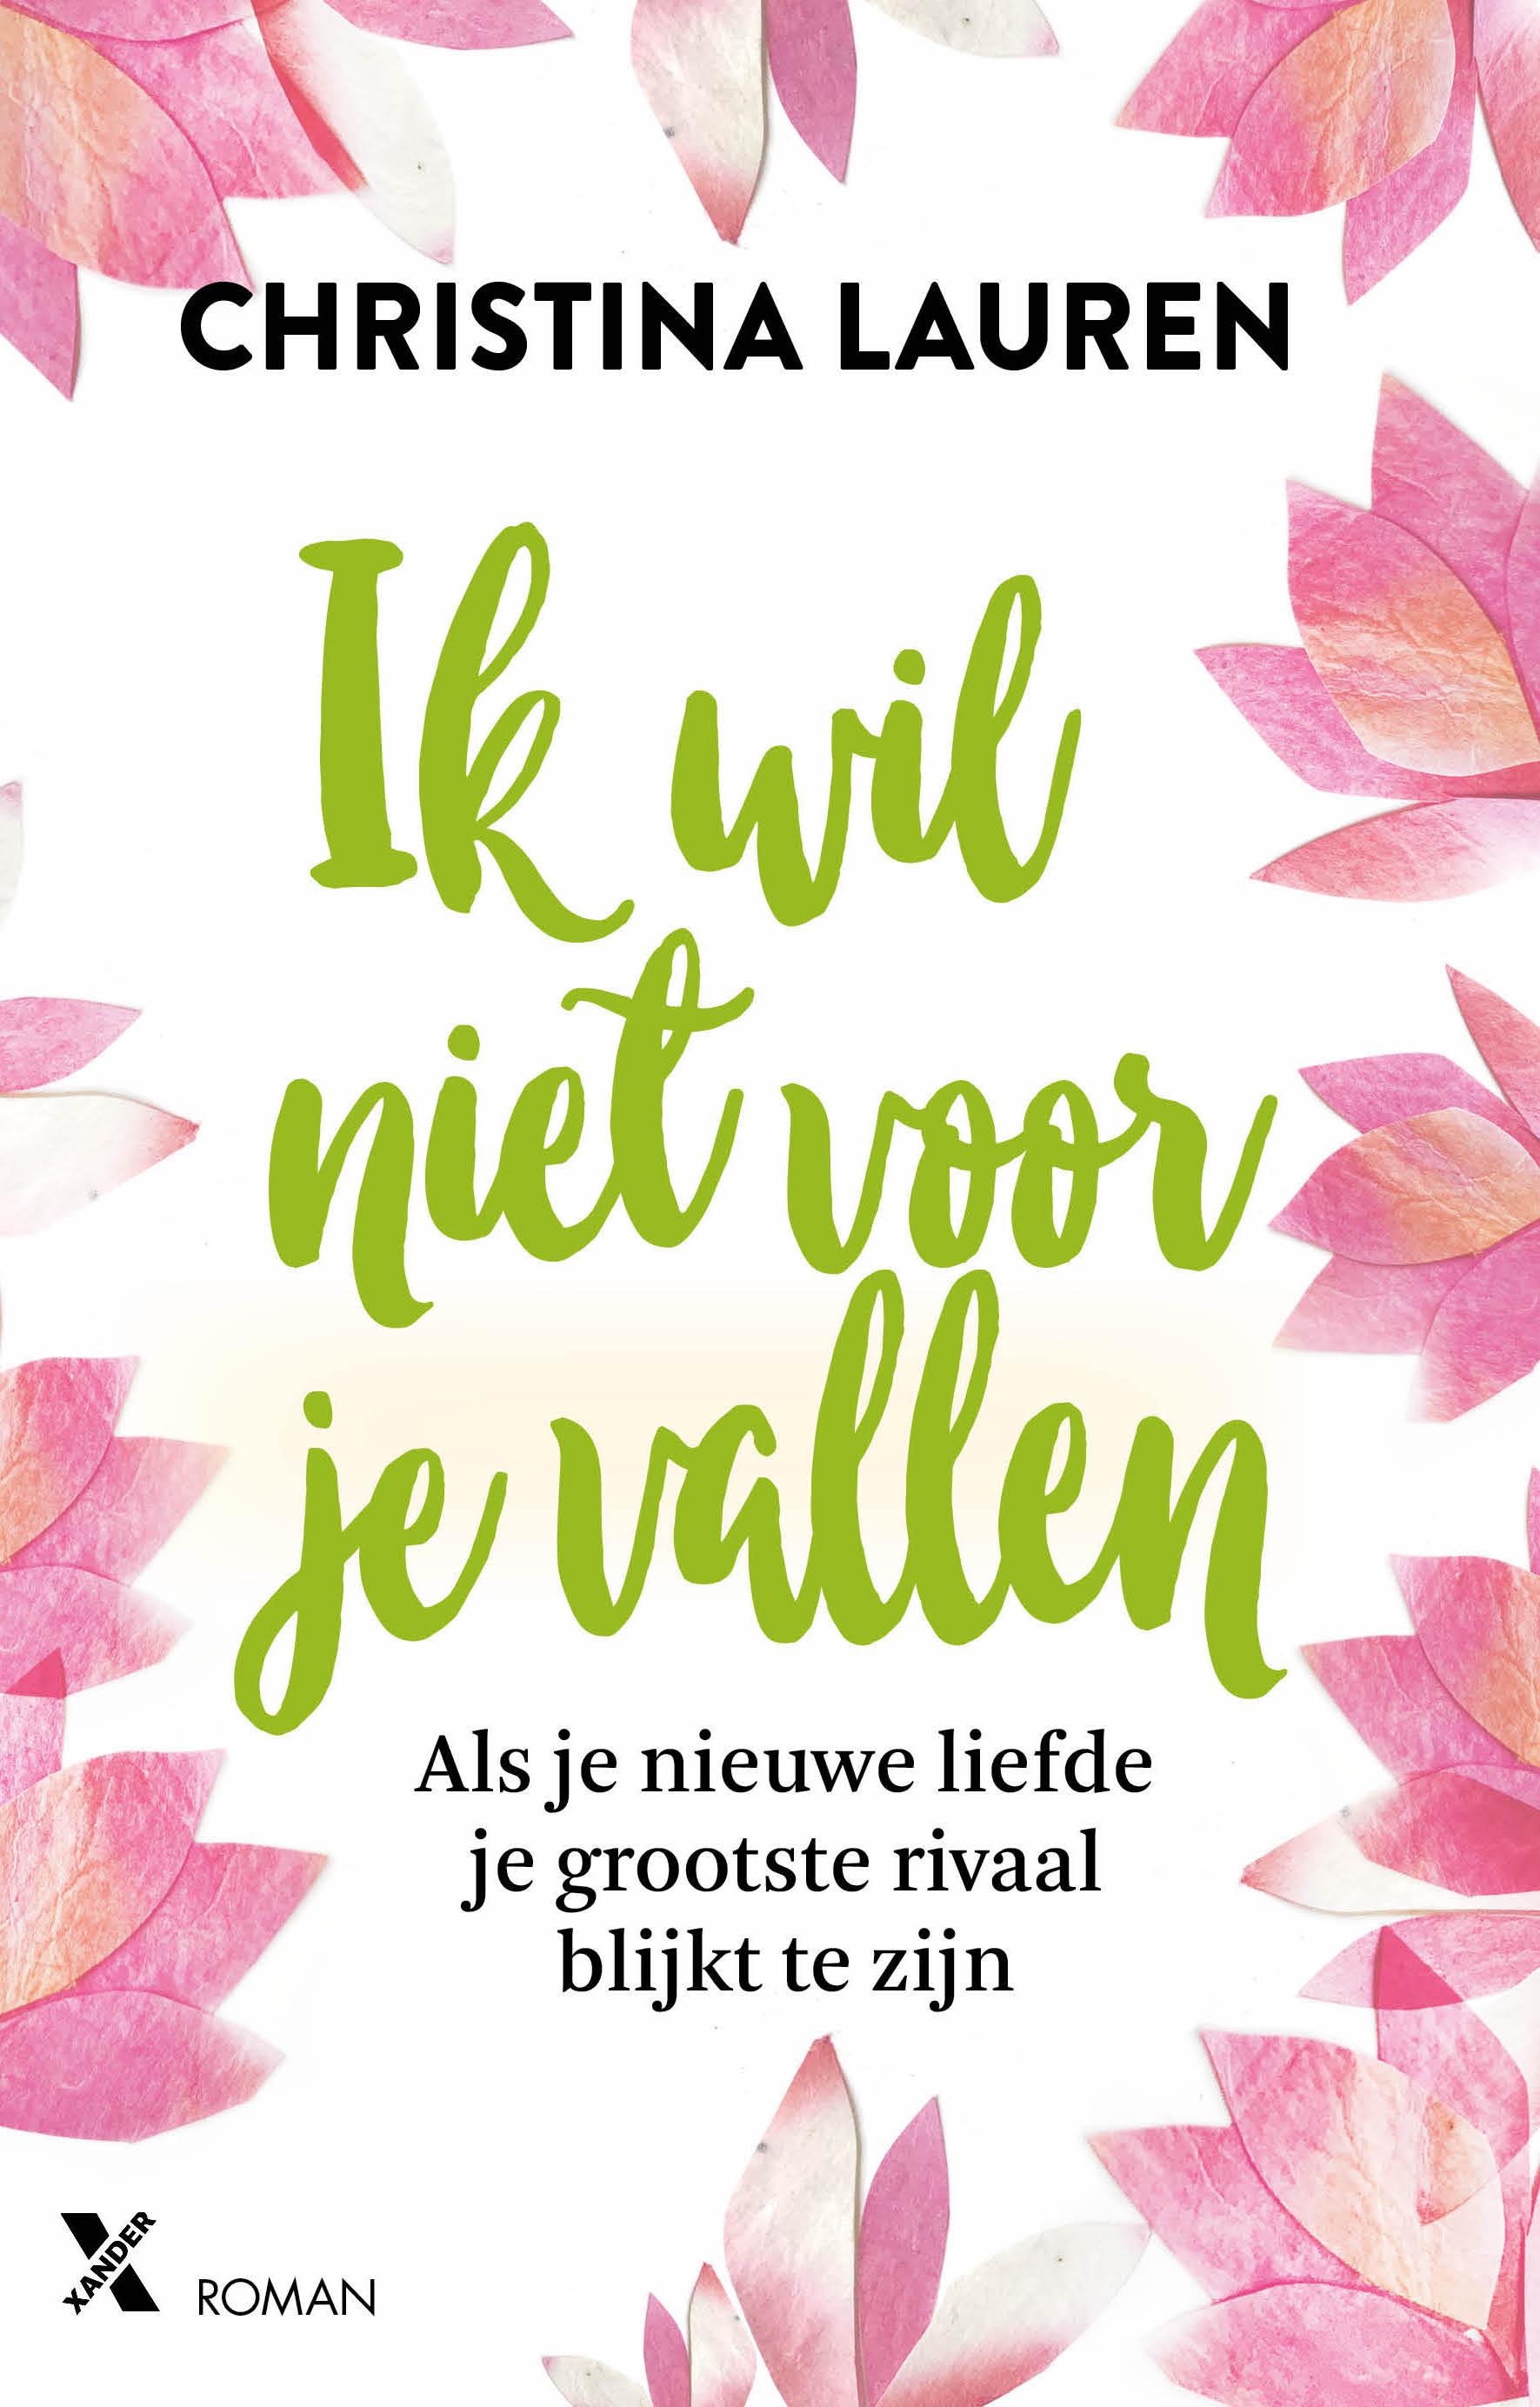 Afbeeldingsresultaat voor christina lauren nl